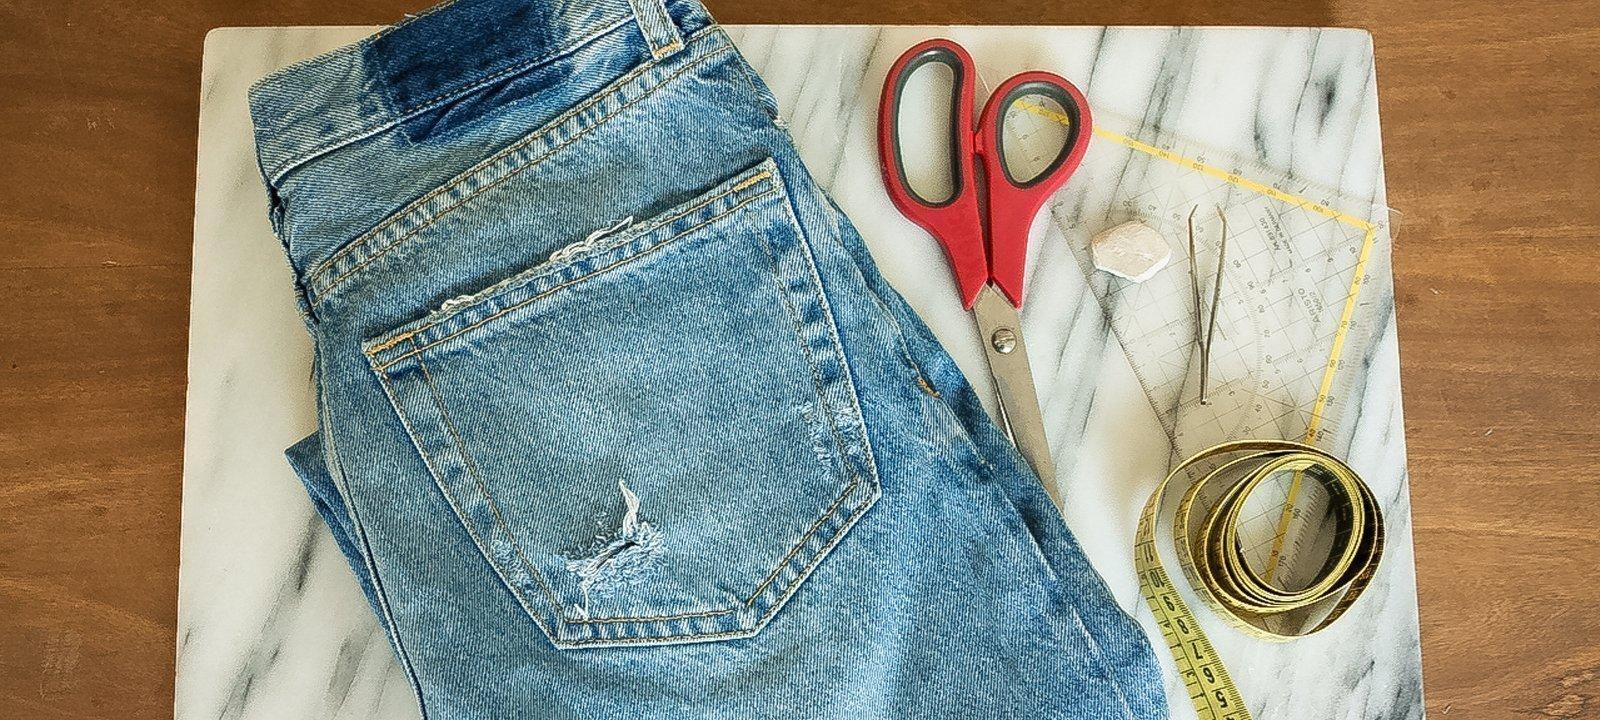 DIY – Die schönsten Jeans-Trends zum Selbermachen